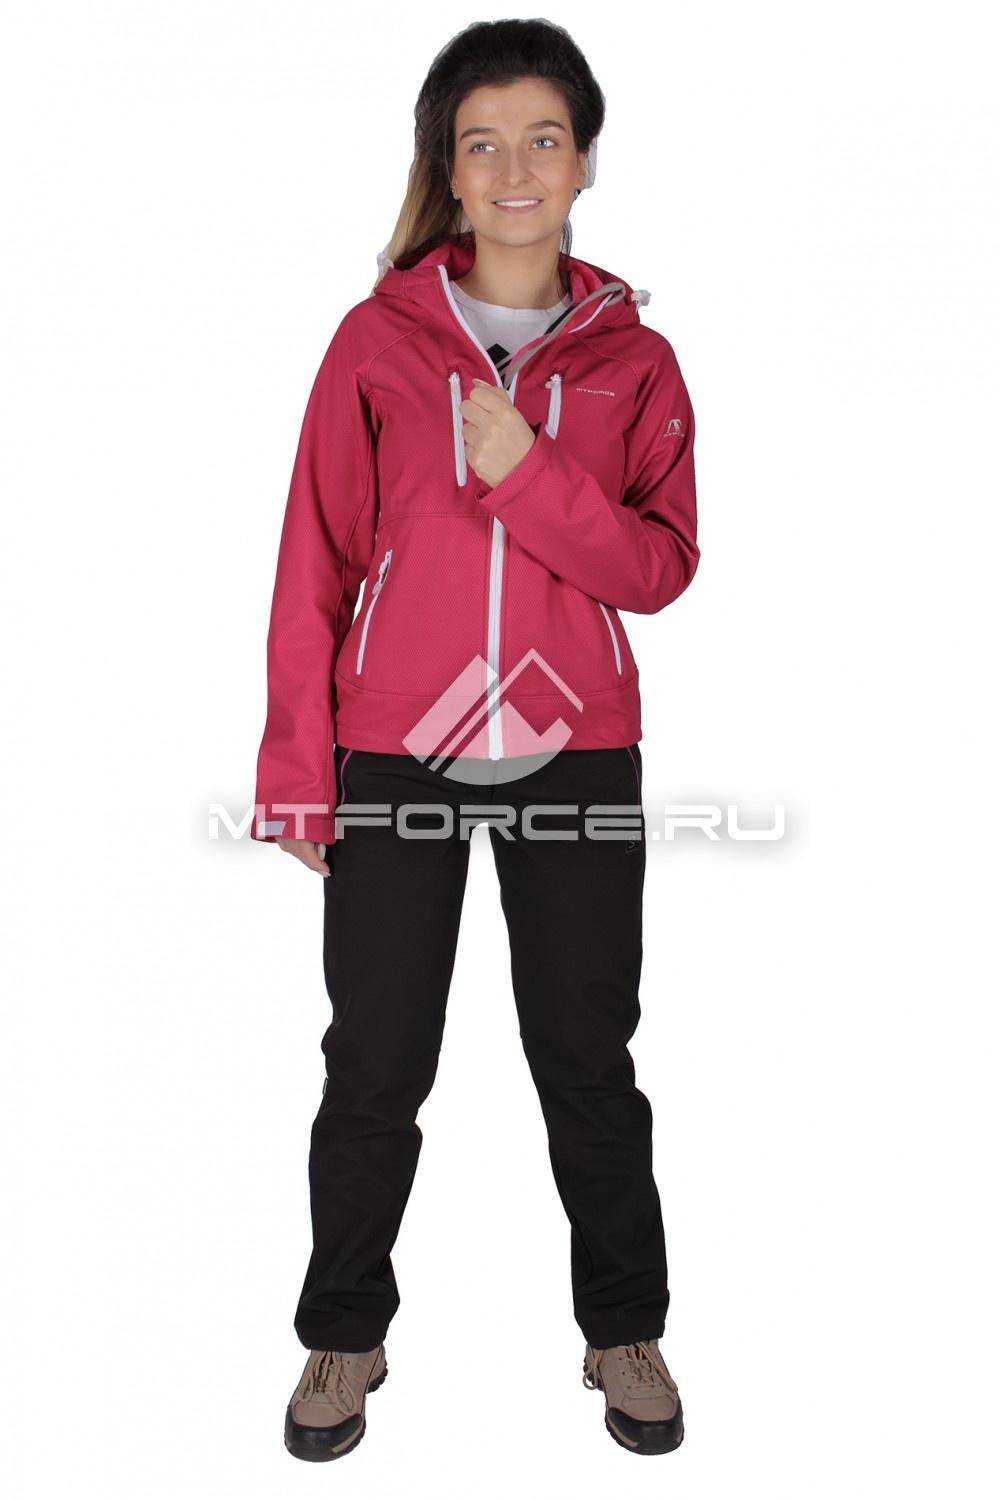 Купить                                  оптом Костюм виндстопер женский розового цвета 01736R в Новосибирске